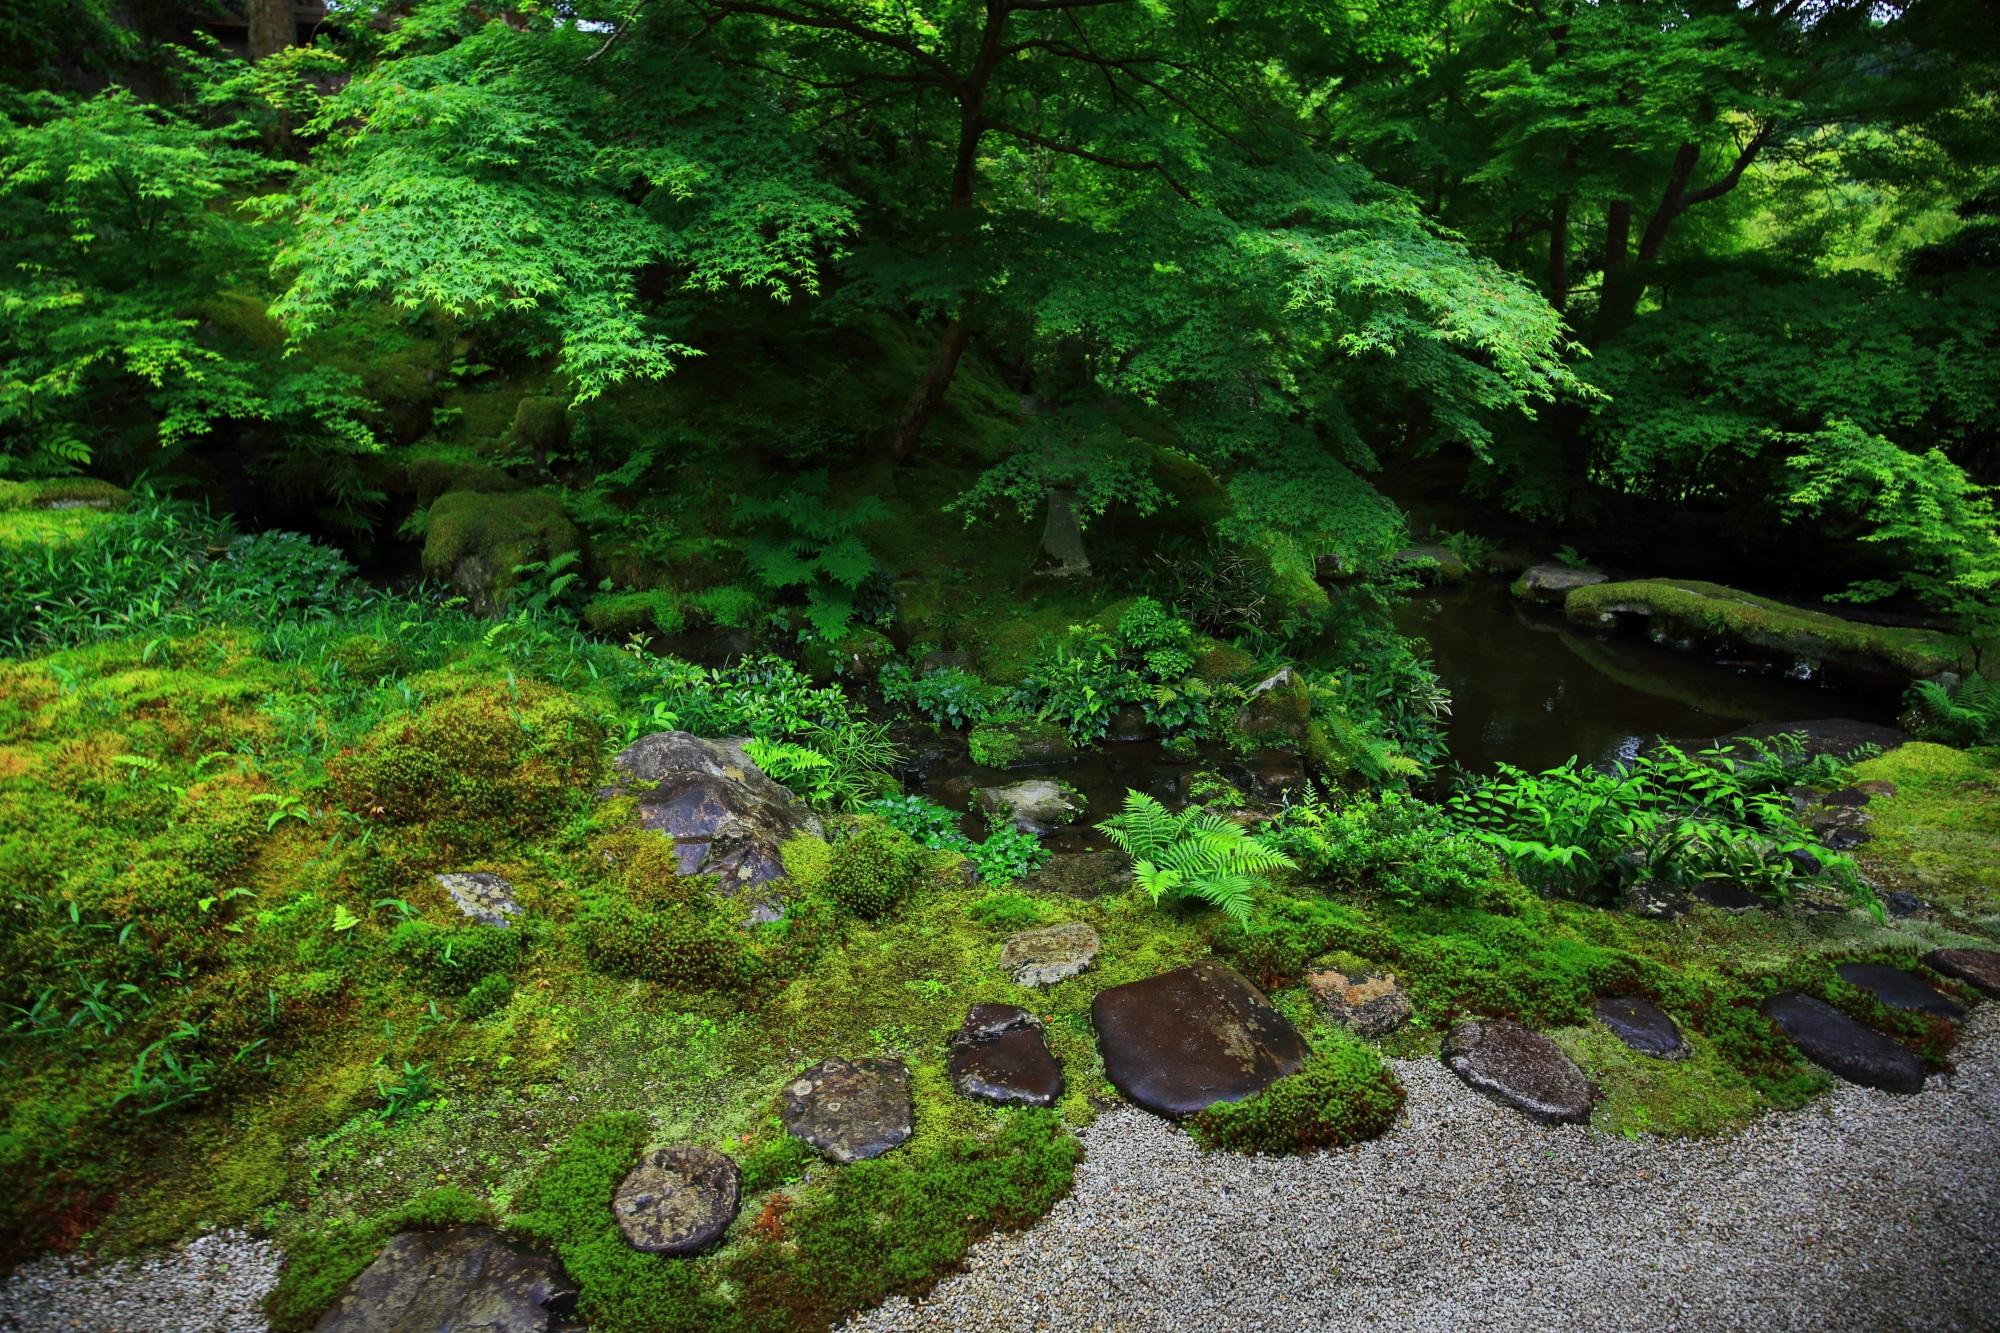 八瀬瑠璃光院(るりこういん)の美しい緑の臥龍の庭